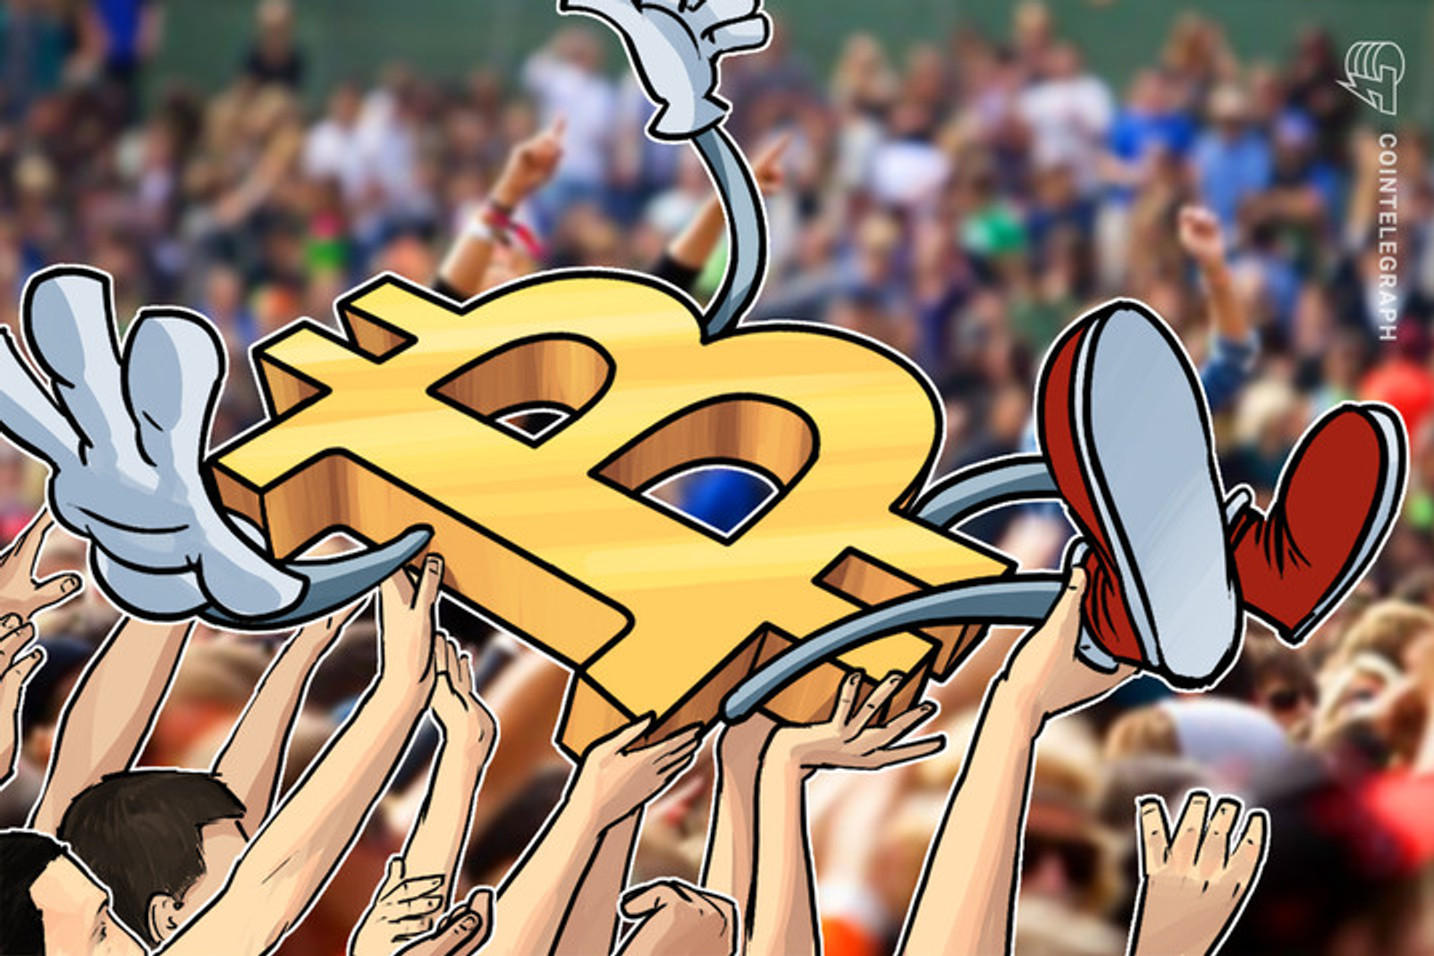 Dono de fundo institucional brasileiro ridiculariza o Bitcoin e gera debate quente no Twitter